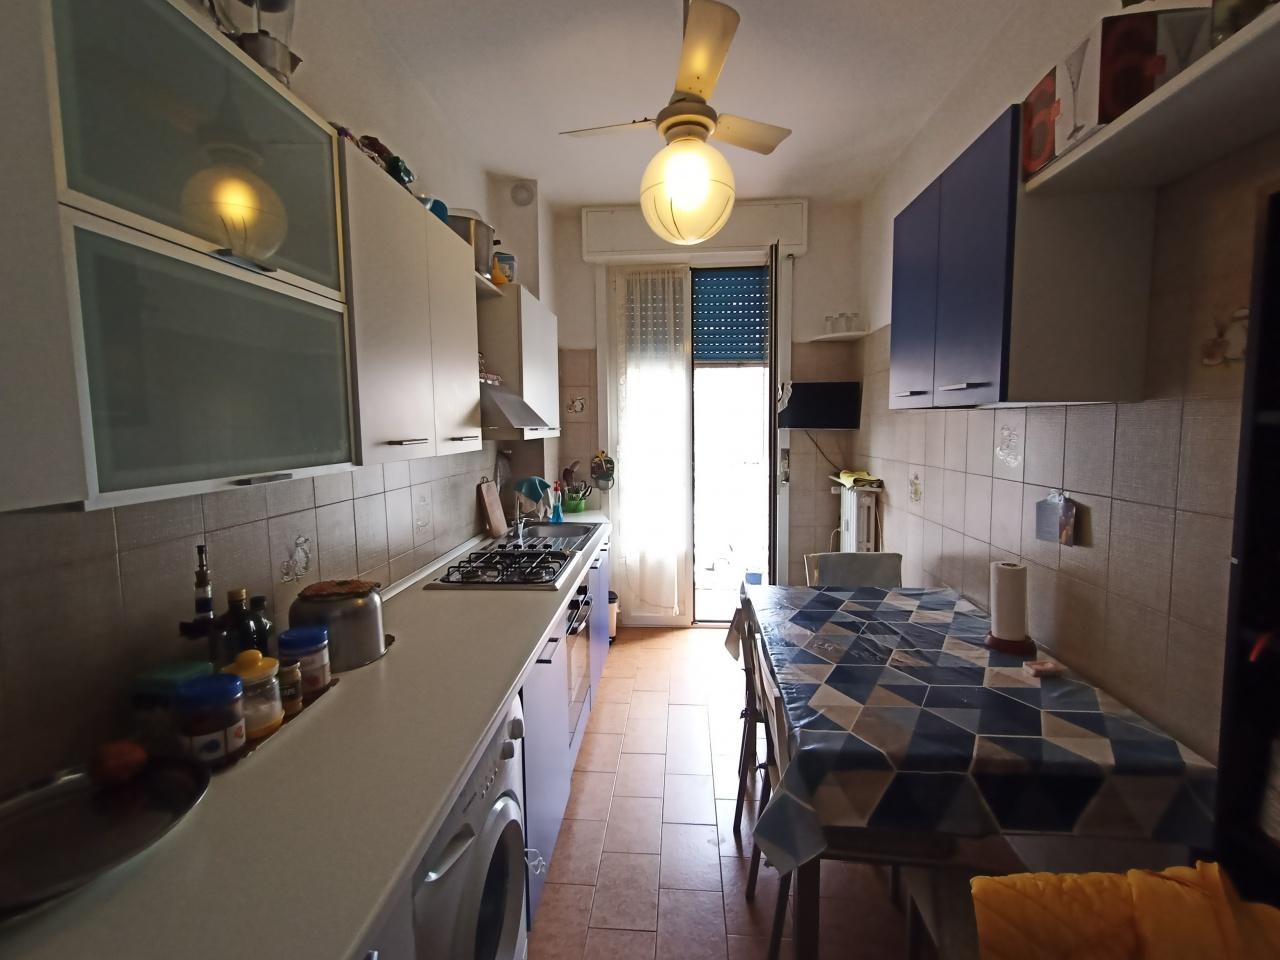 Appartamento in vendita a Cusano Milanino, 2 locali, prezzo € 108.000 | CambioCasa.it